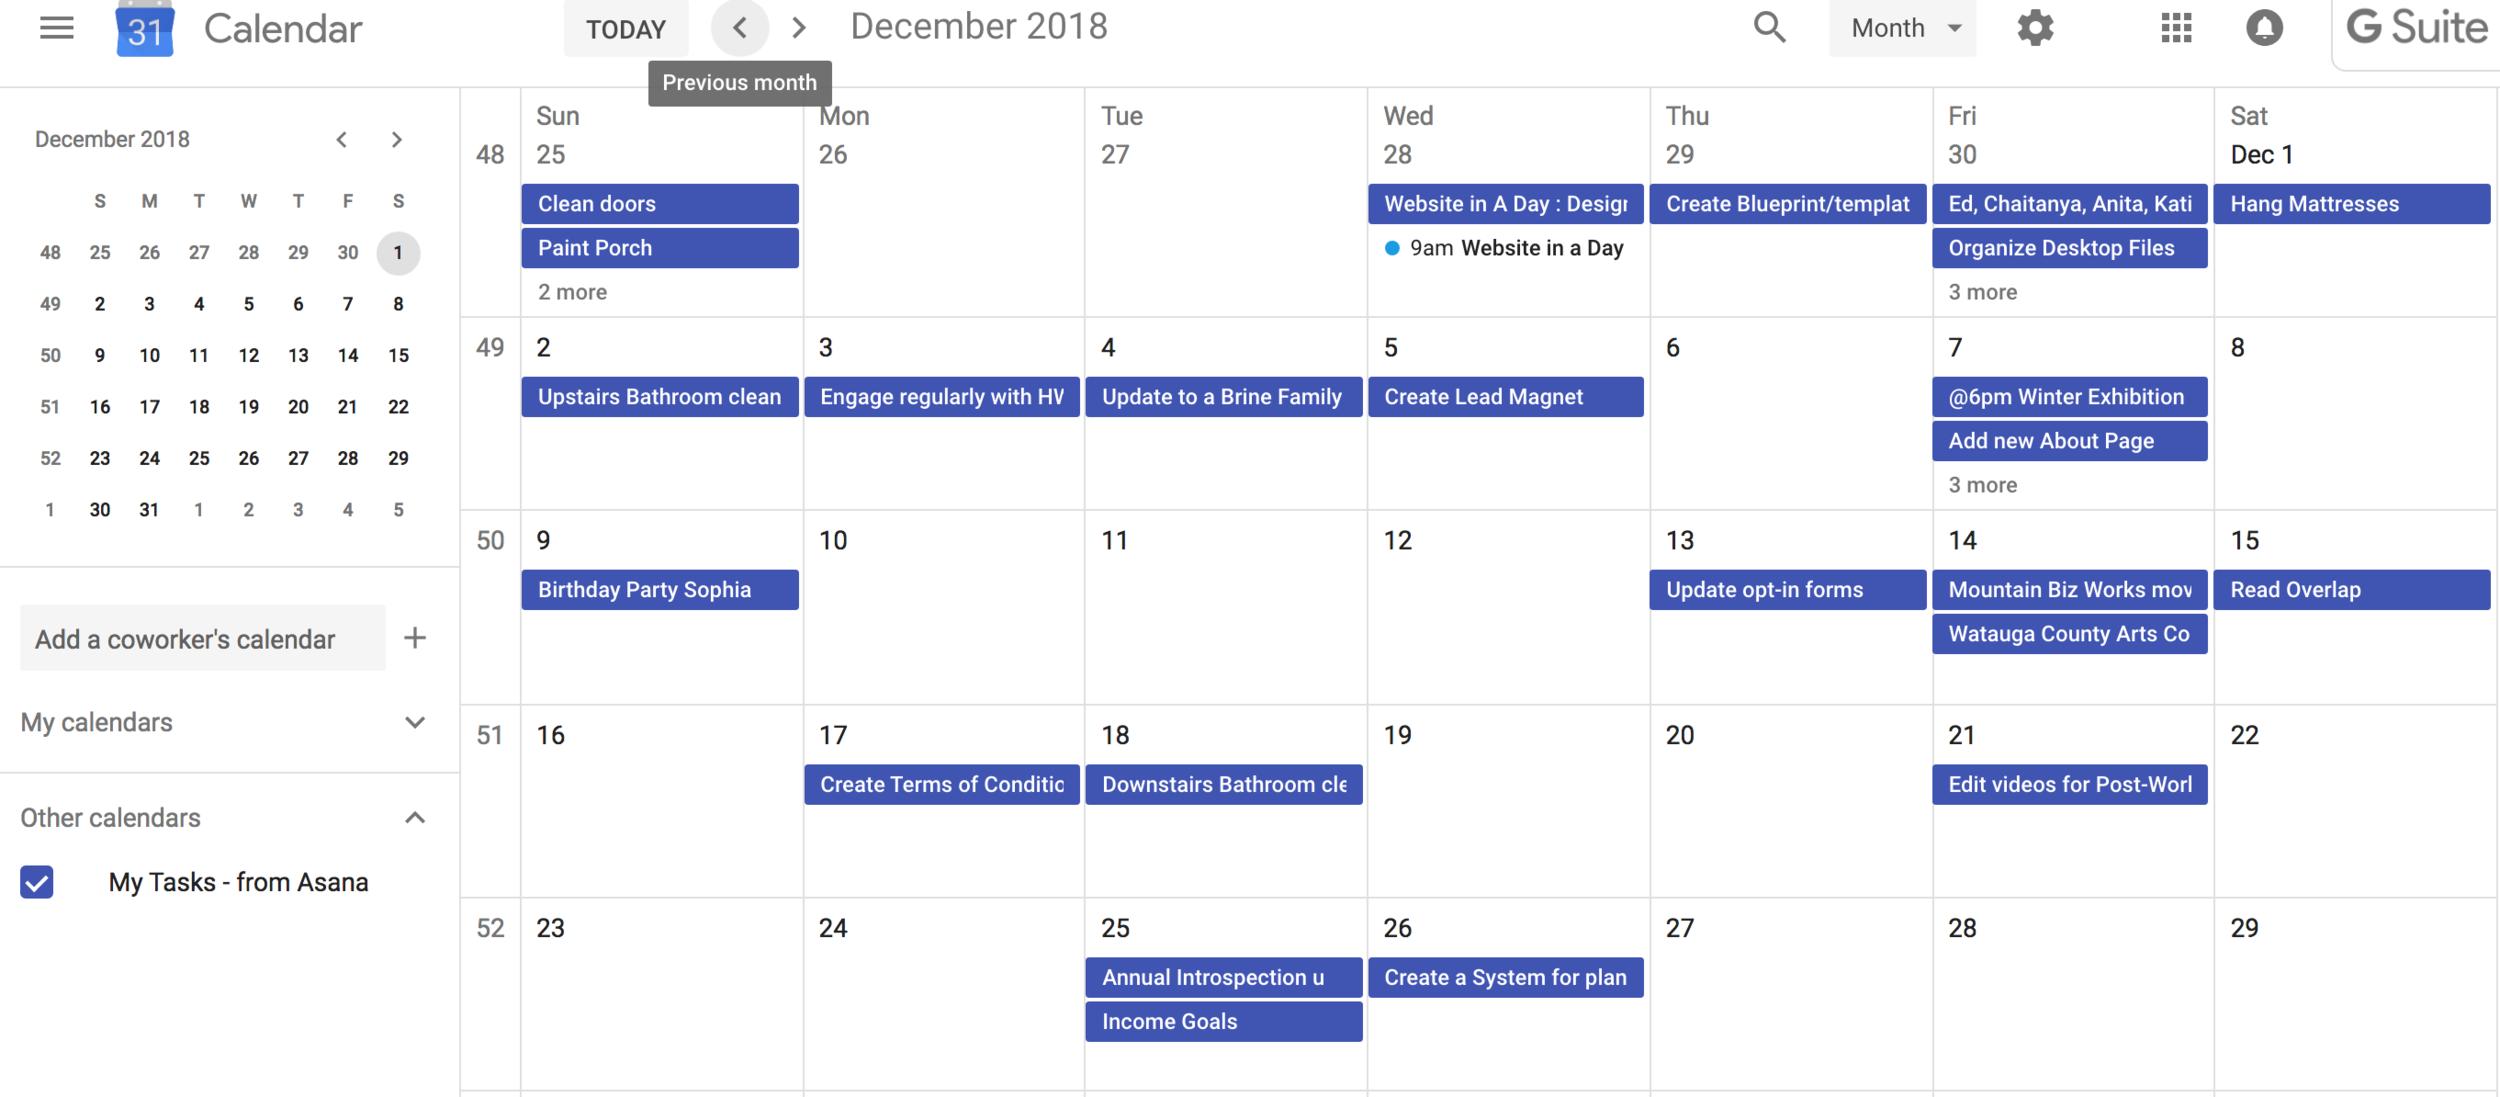 Google Calendar Synch up with Asana My Tasks